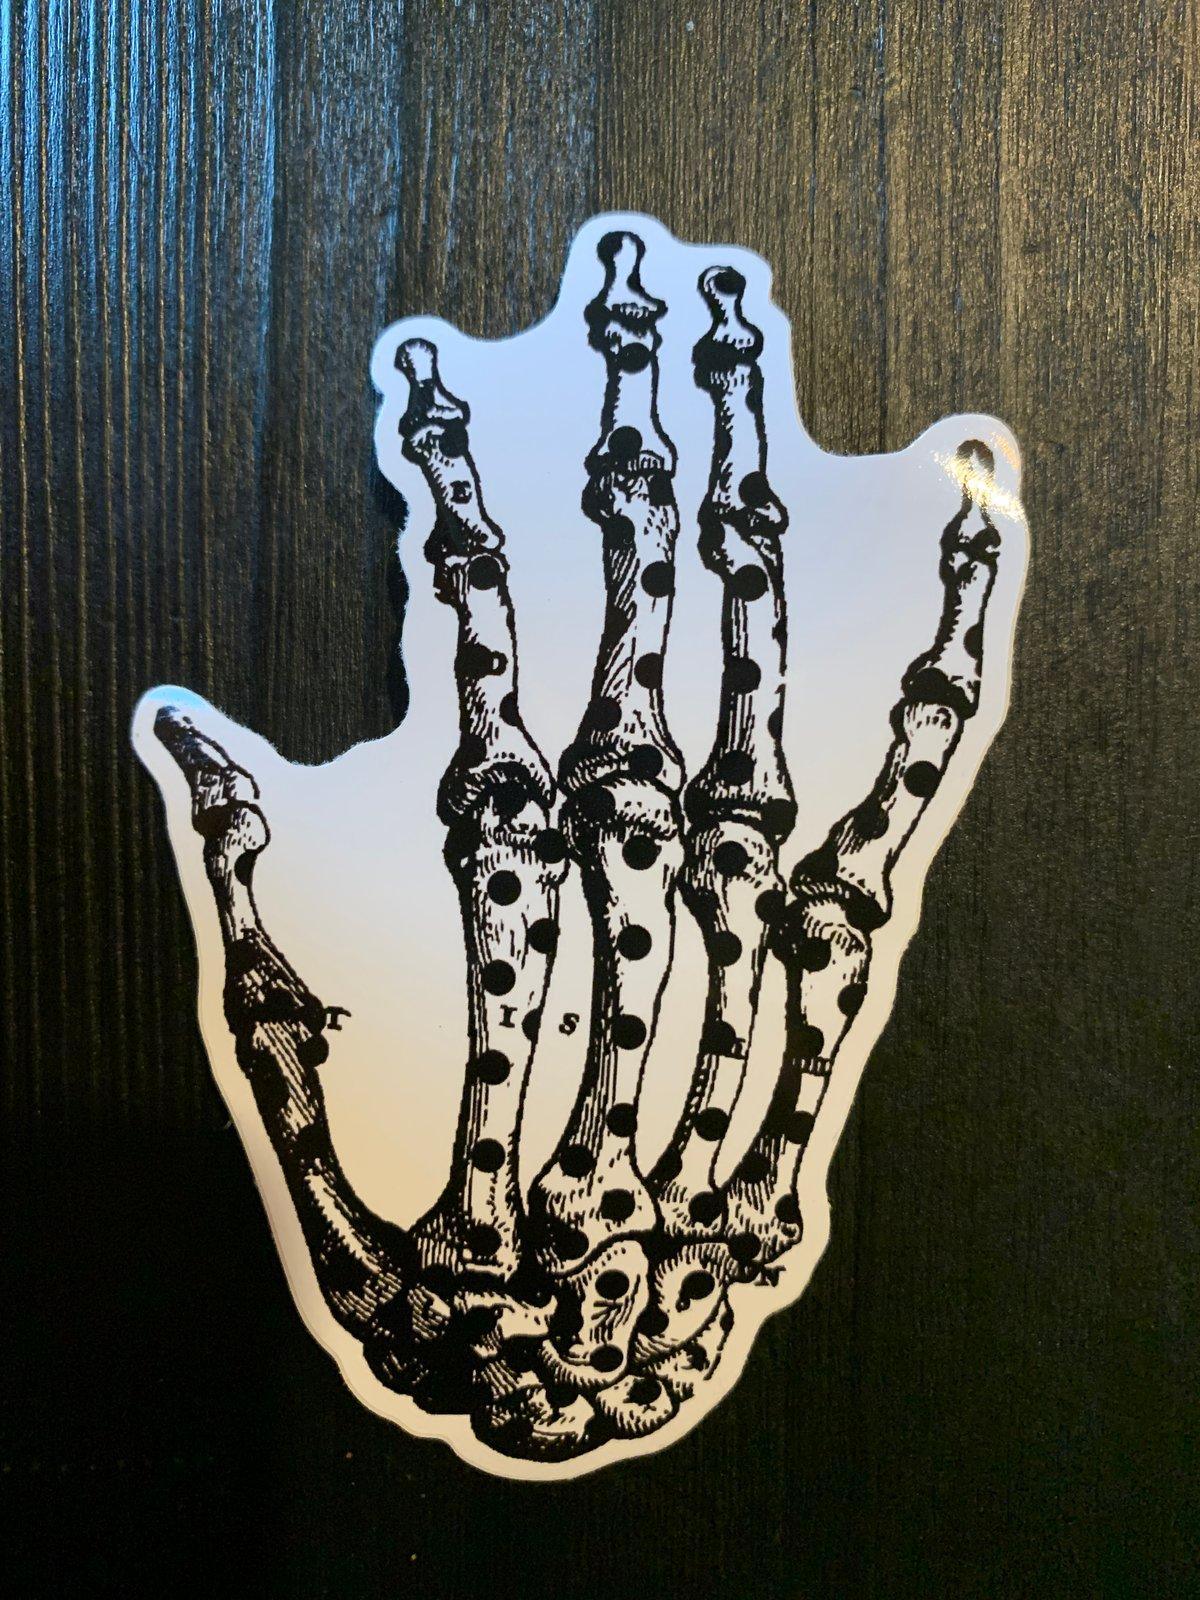 Image of Feeling Spots sticker